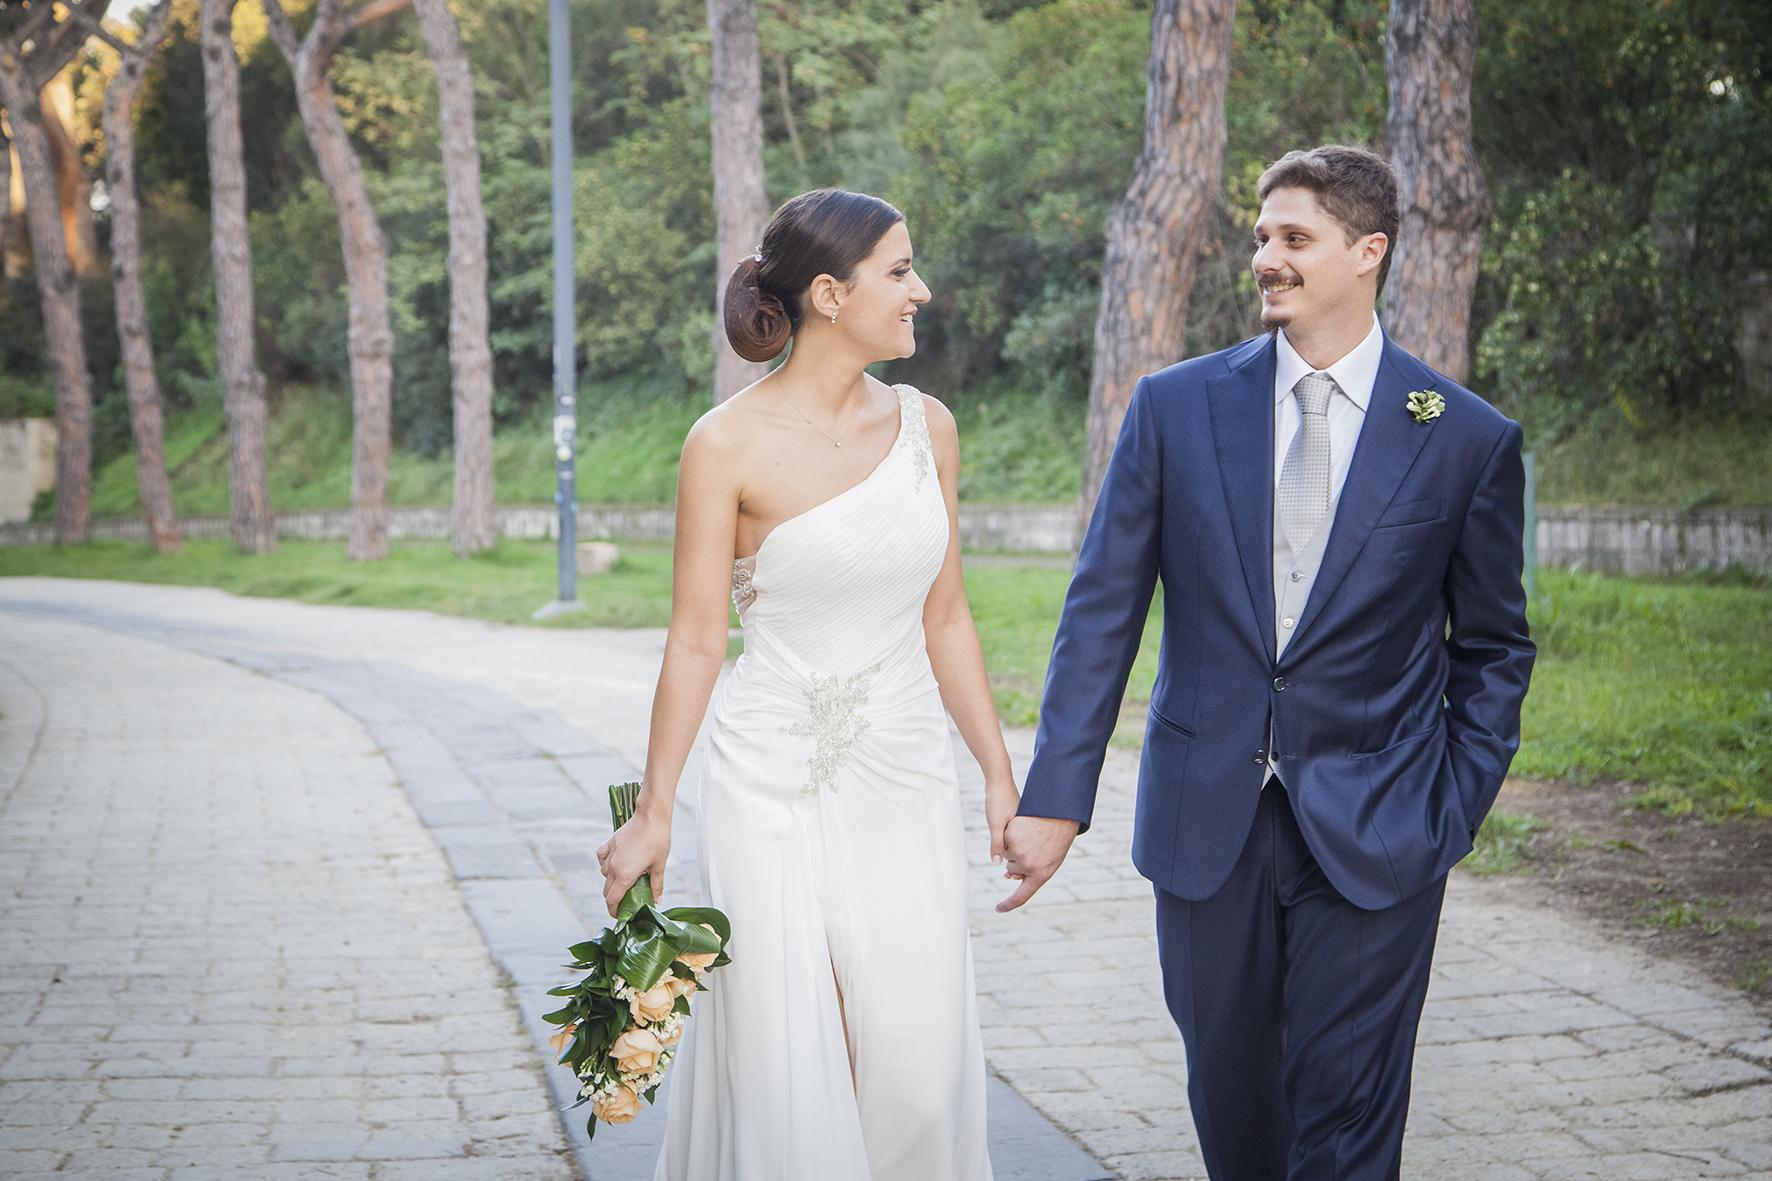 postproduzione foto di matrimonio ricostruzione elementi